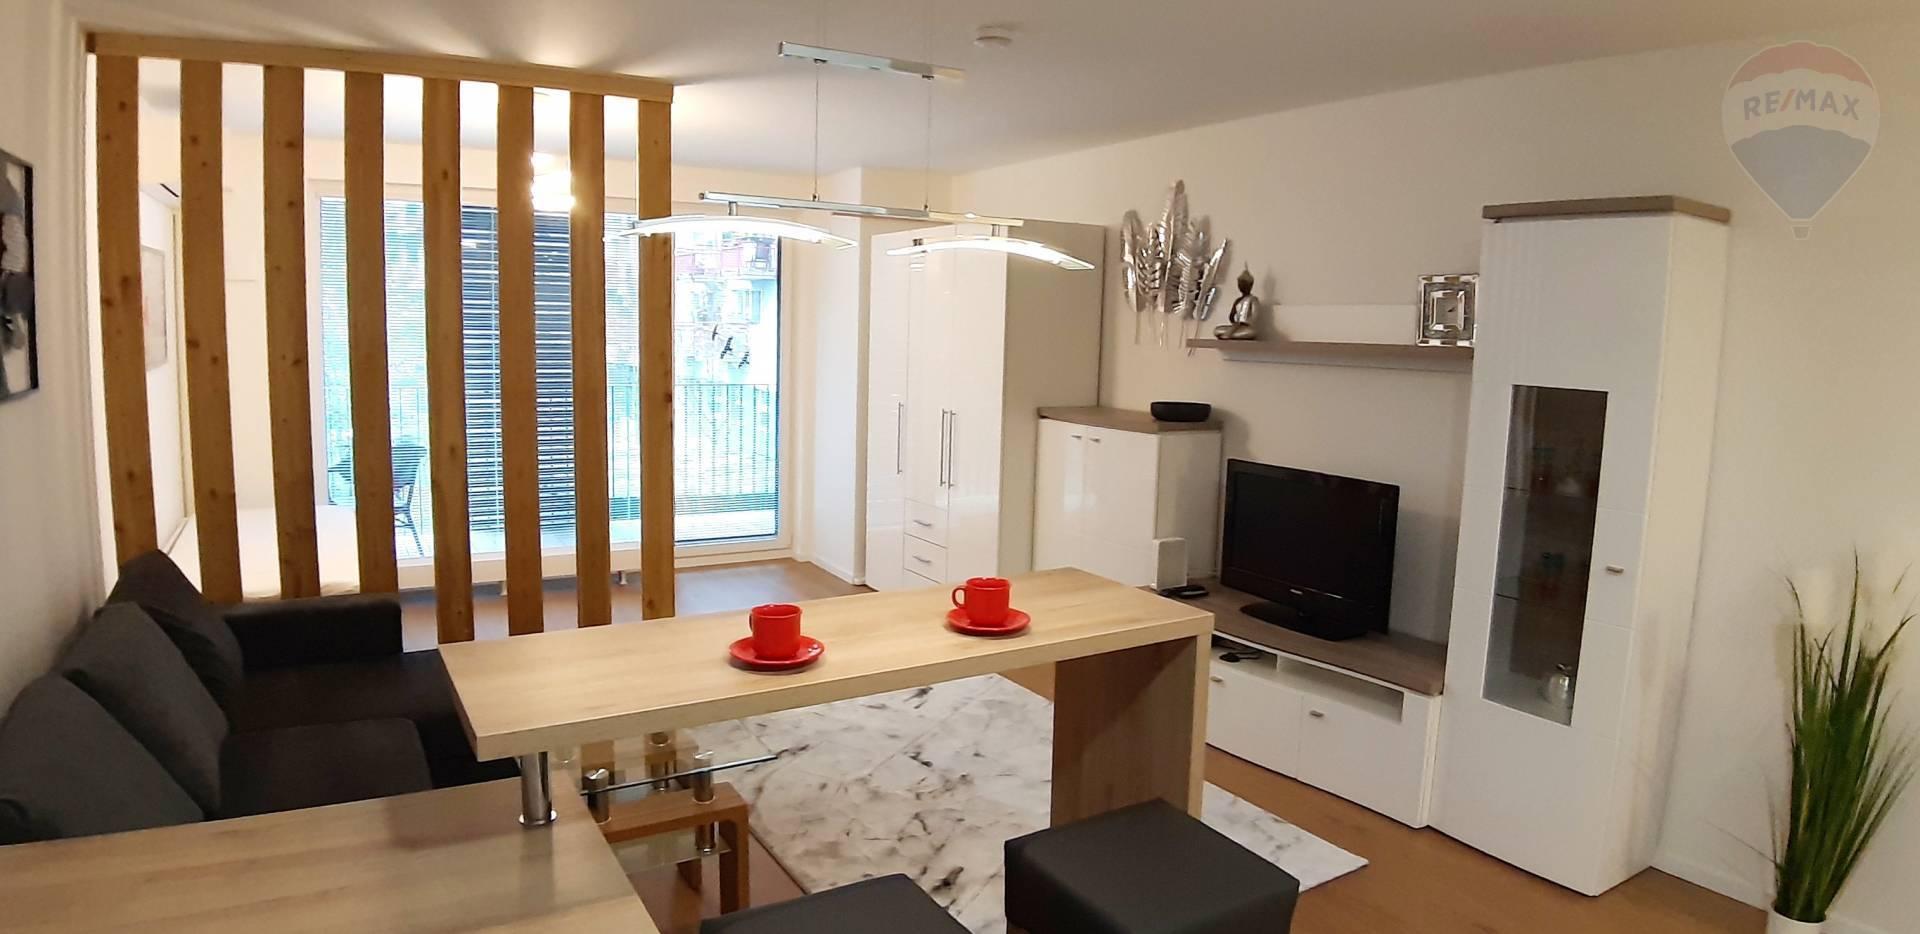 PRENÁJOM, 1-izbový byt, Seberíniho ulica, Bratislava - Ružinov